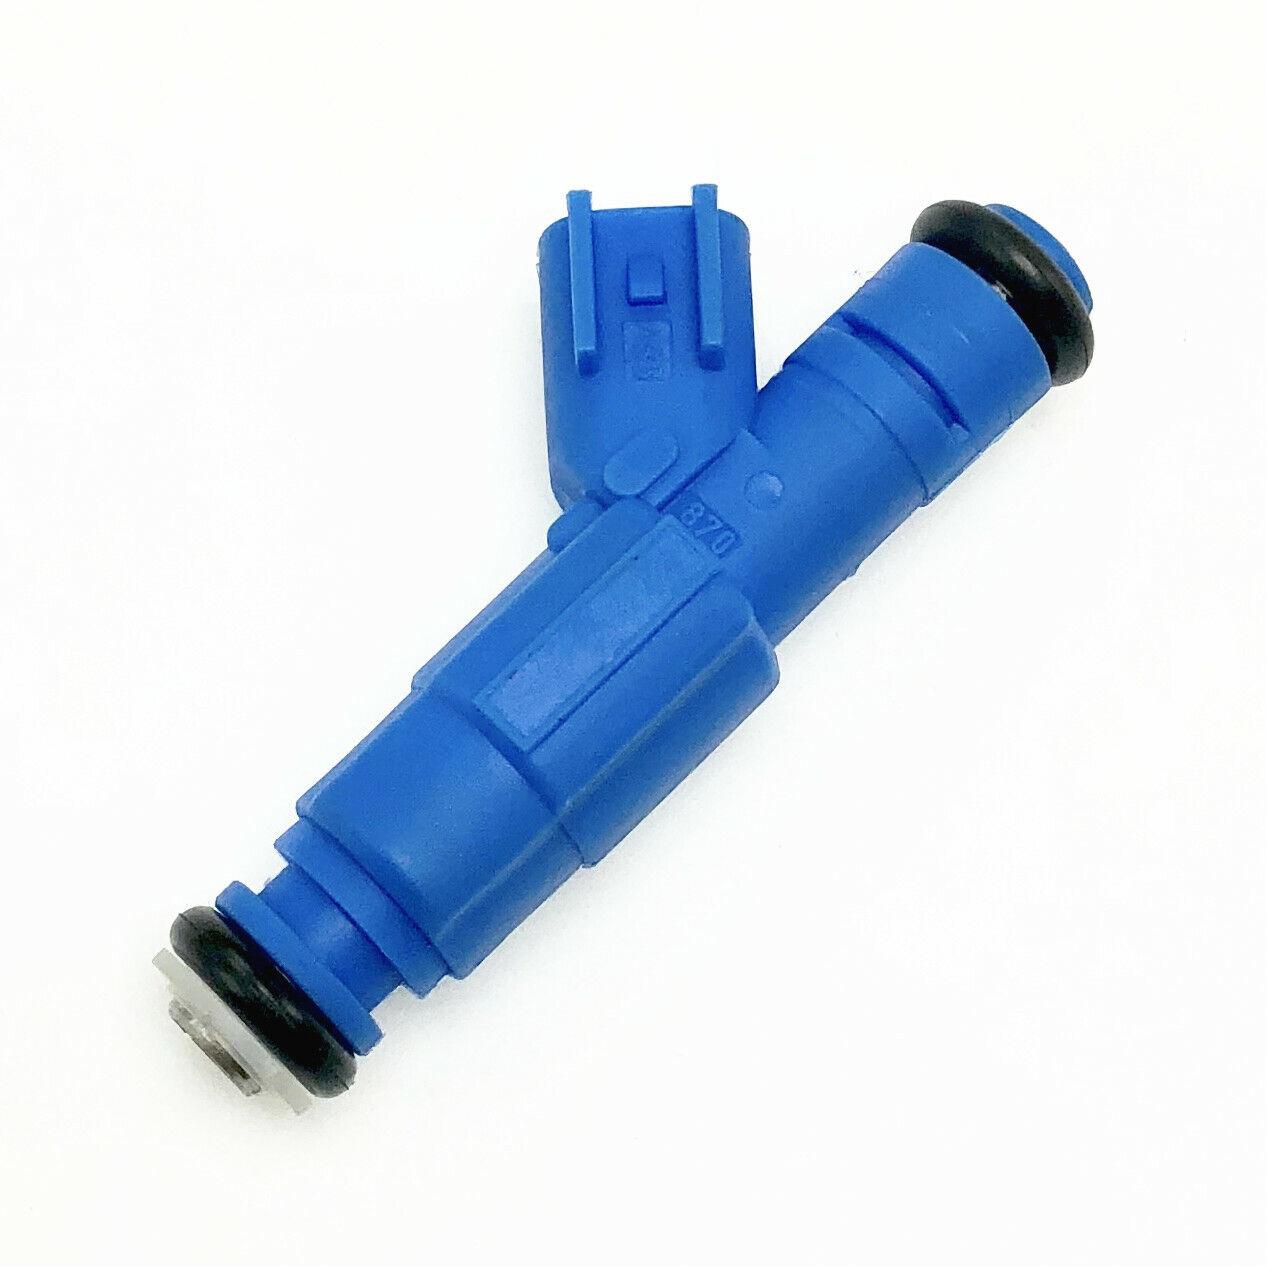 Fuel Injector Standard FJ867